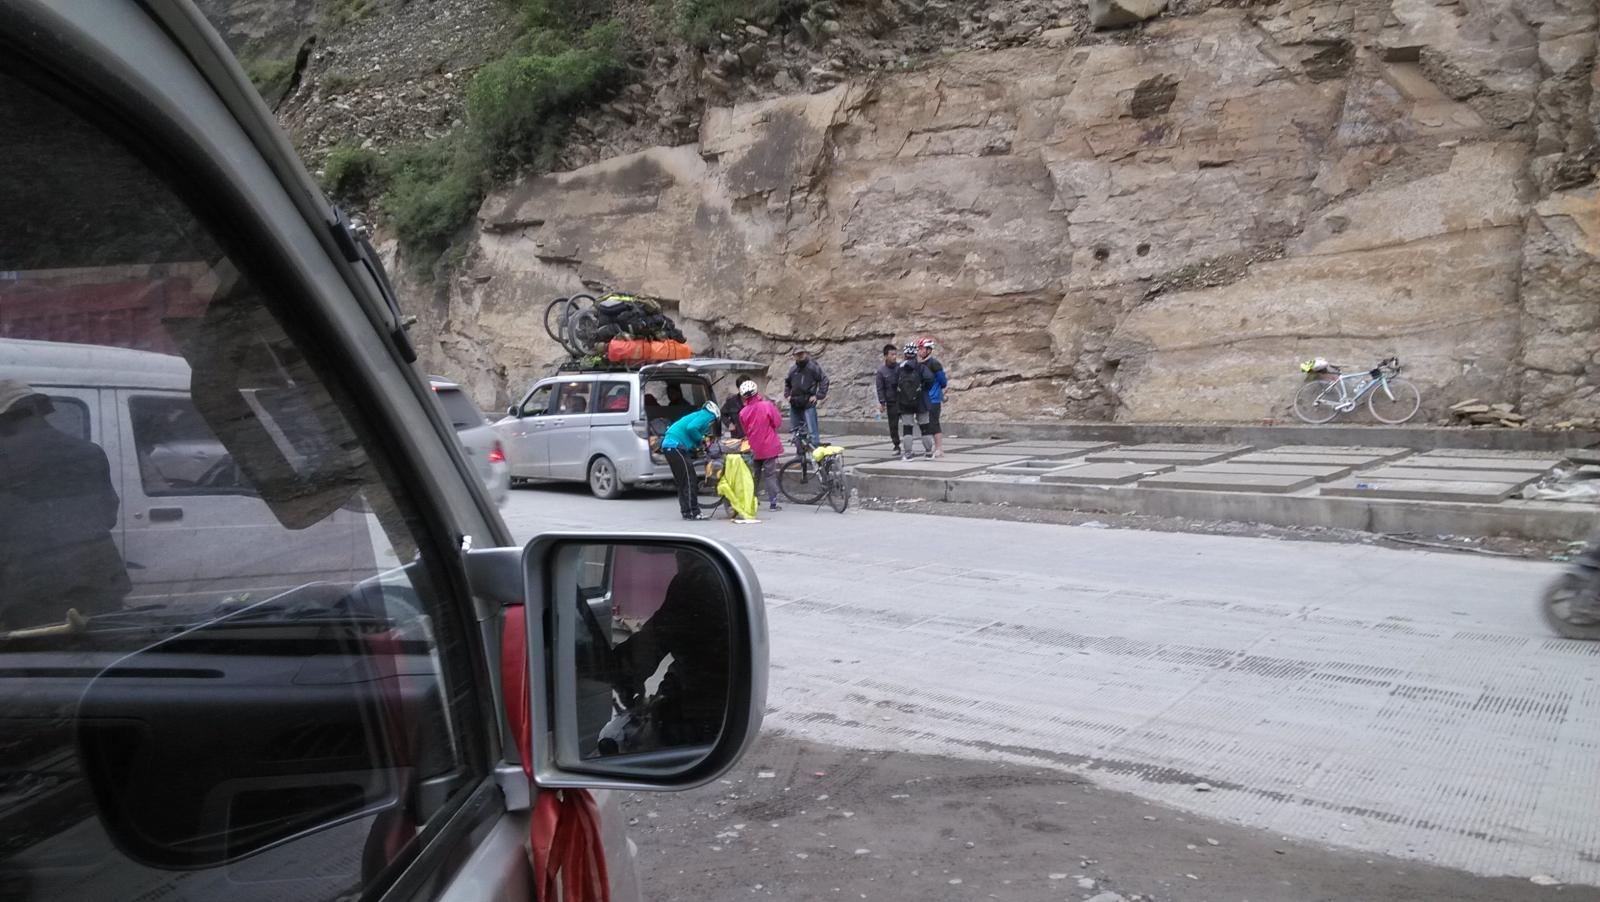 到了雅江路口,不住雅江,直接去相克宗村,有15公里~直接坐车的哈,师傅开车一会儿就到了